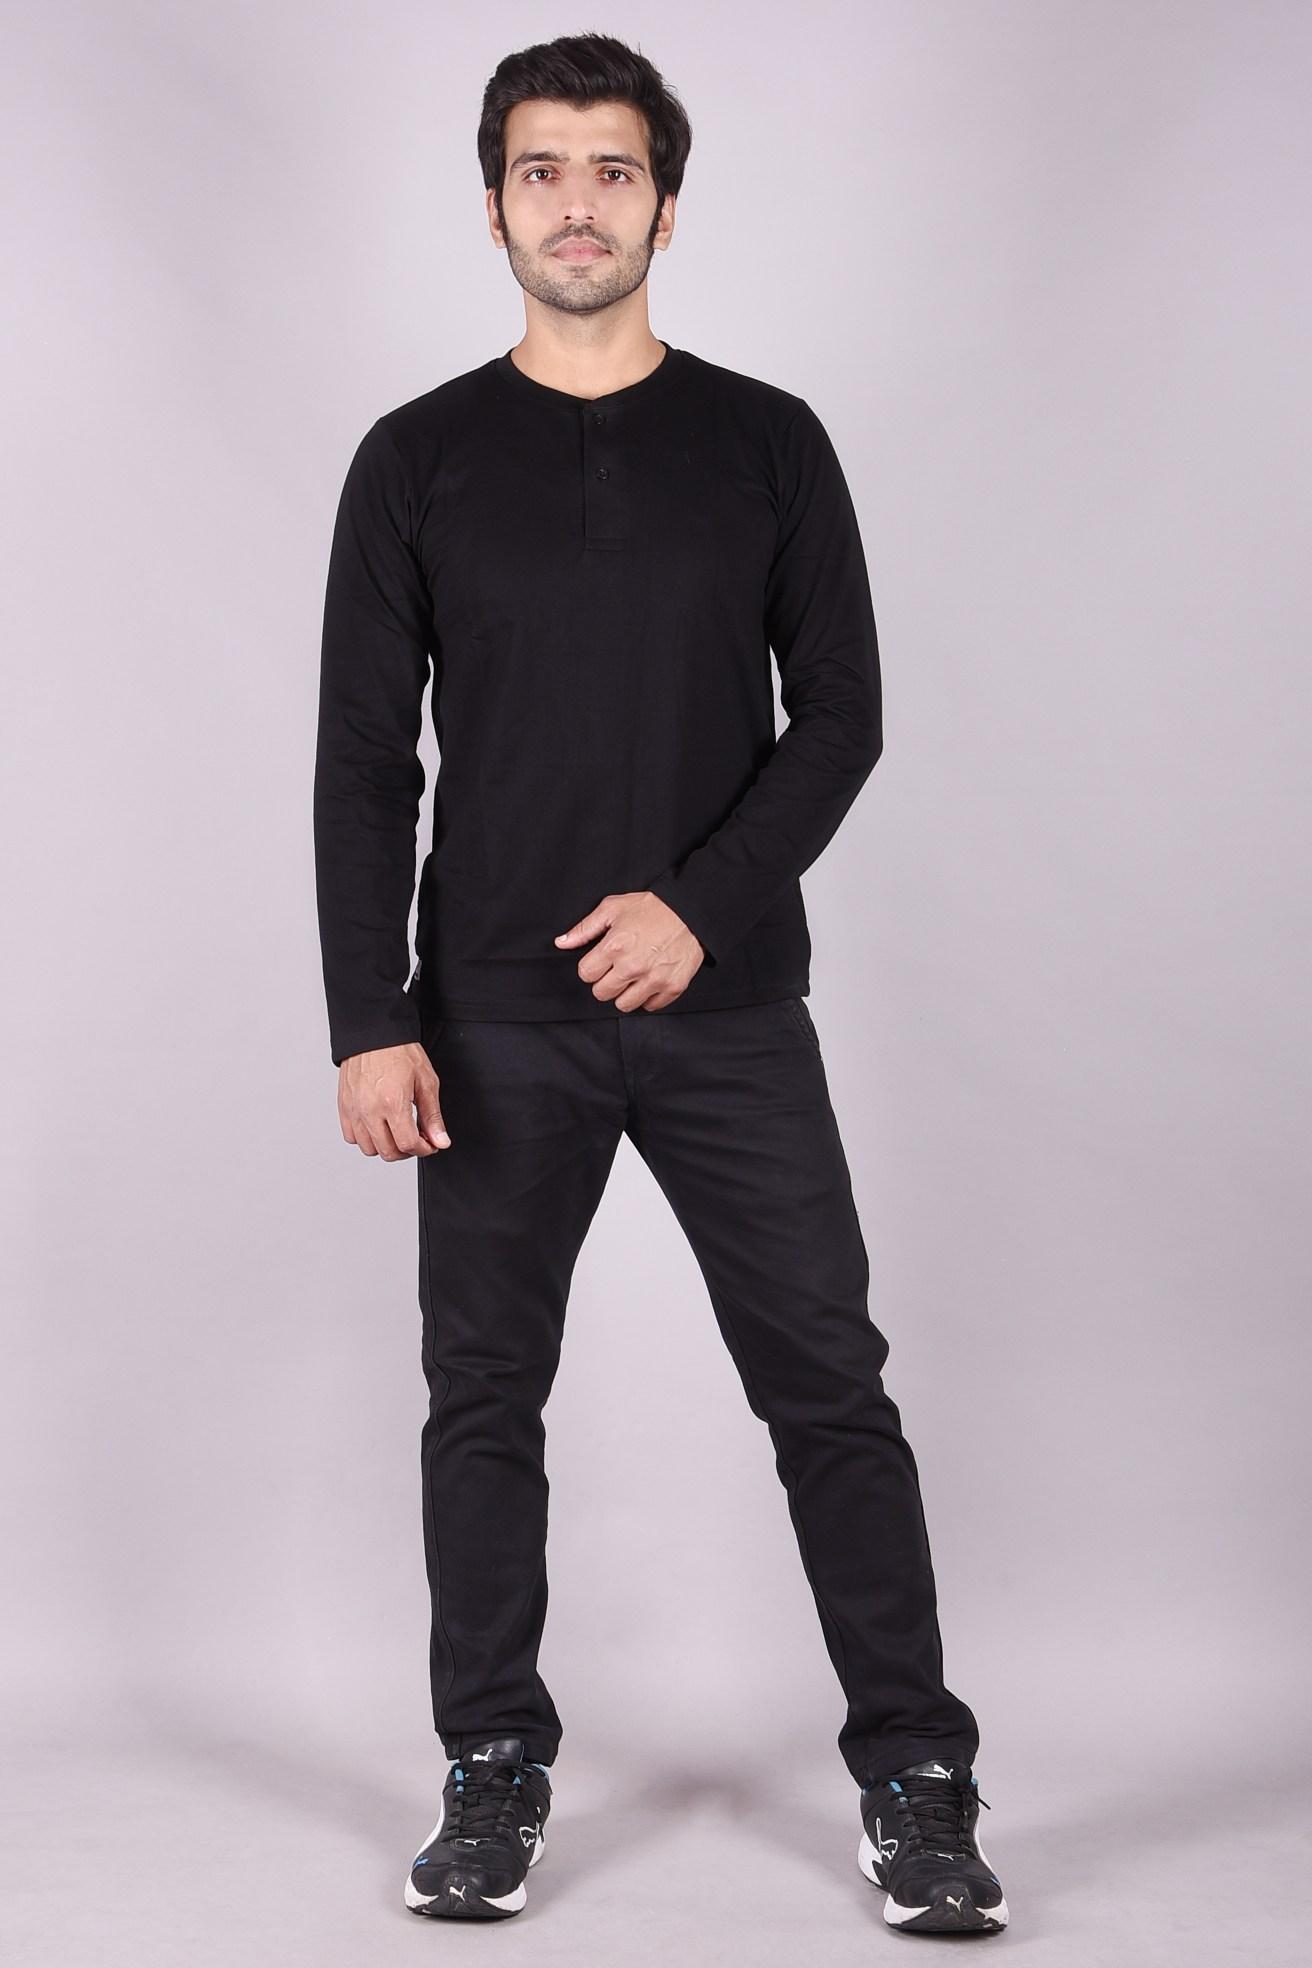 JAGURO   Stylish Mandarian collar full Sleeves T-shirt .